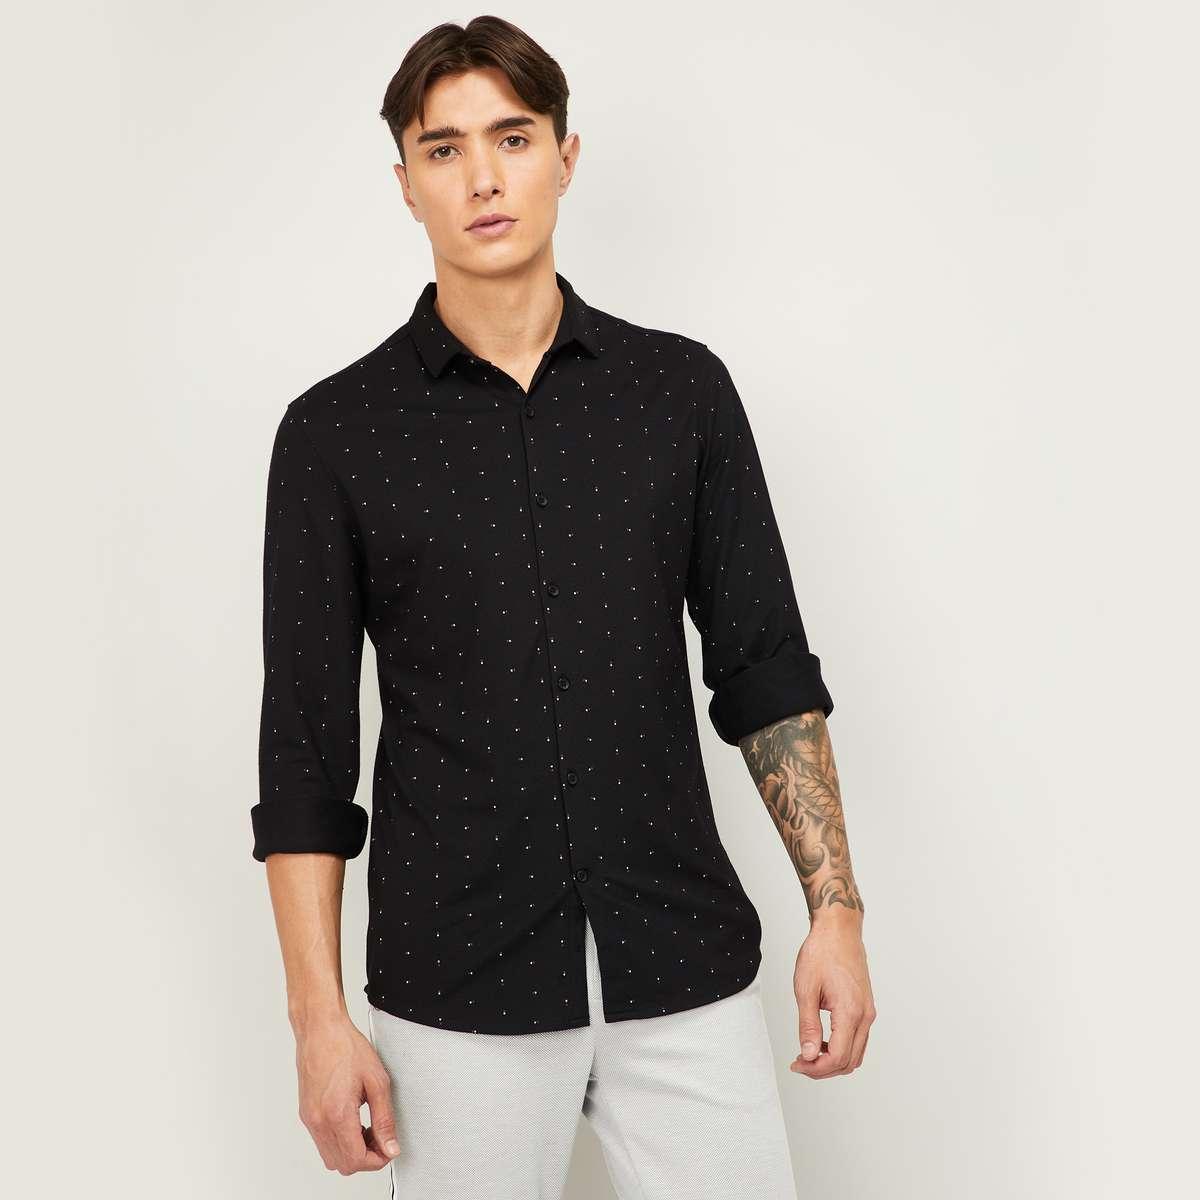 3.CODE Men Printed Full Sleeves Casual Shirt